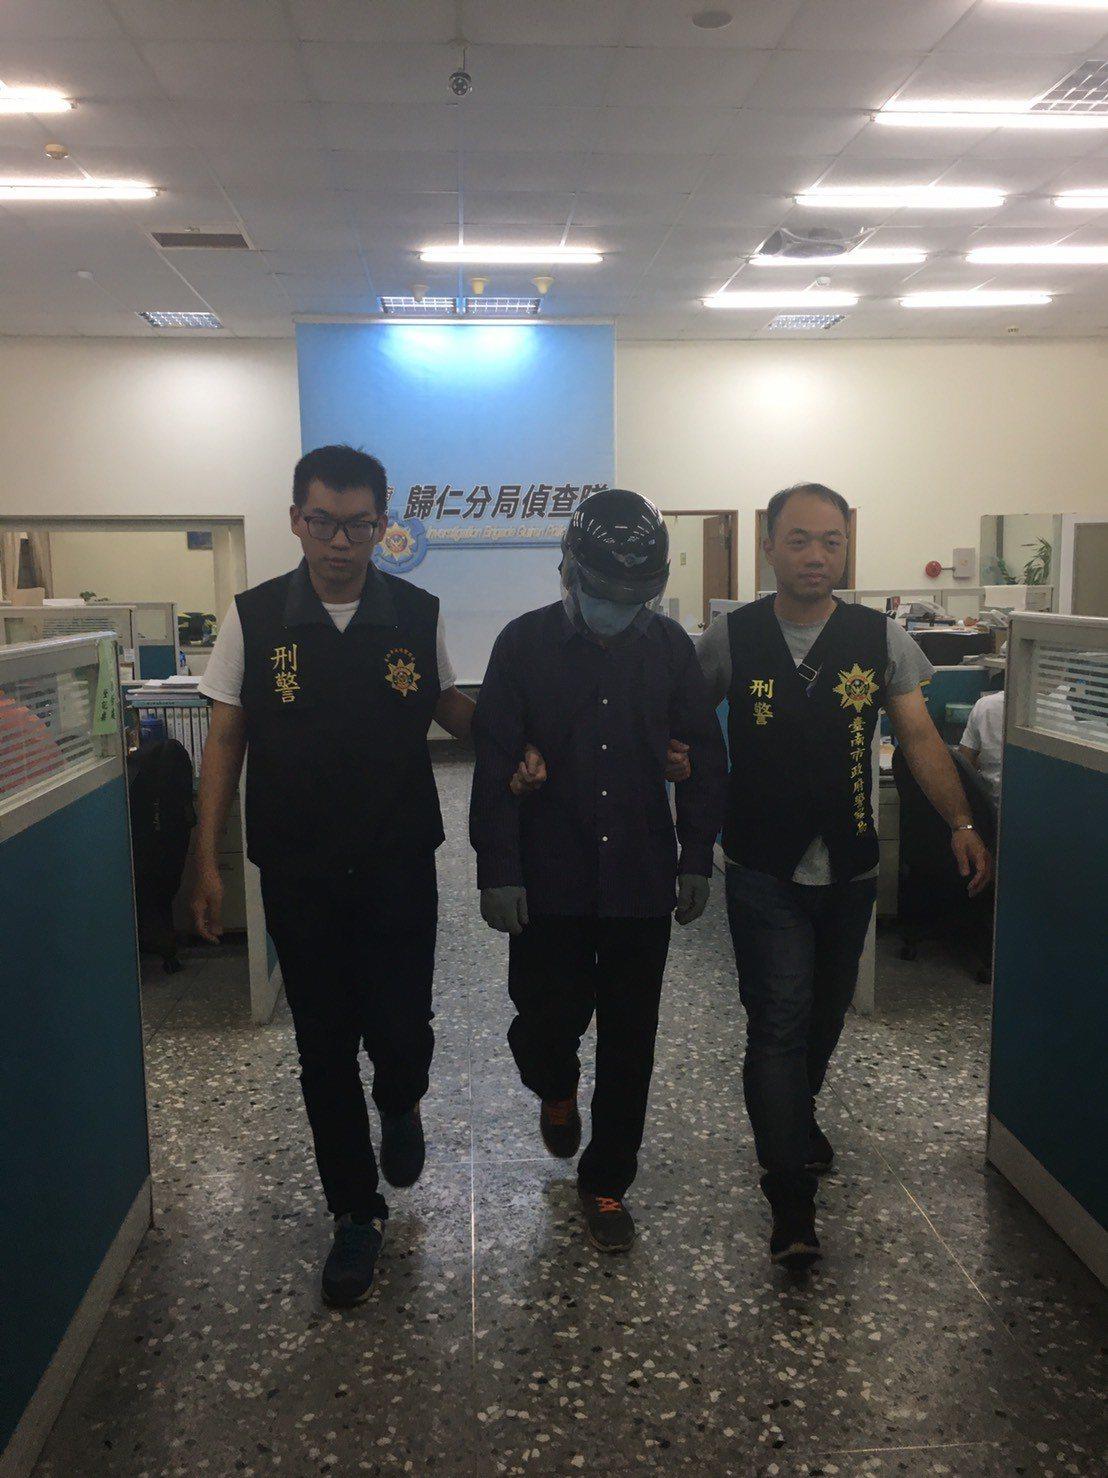 警方根據監視器循線將人逮捕,全案經調查後,移送台南地檢署偵辦。記者綦守鈺/翻攝